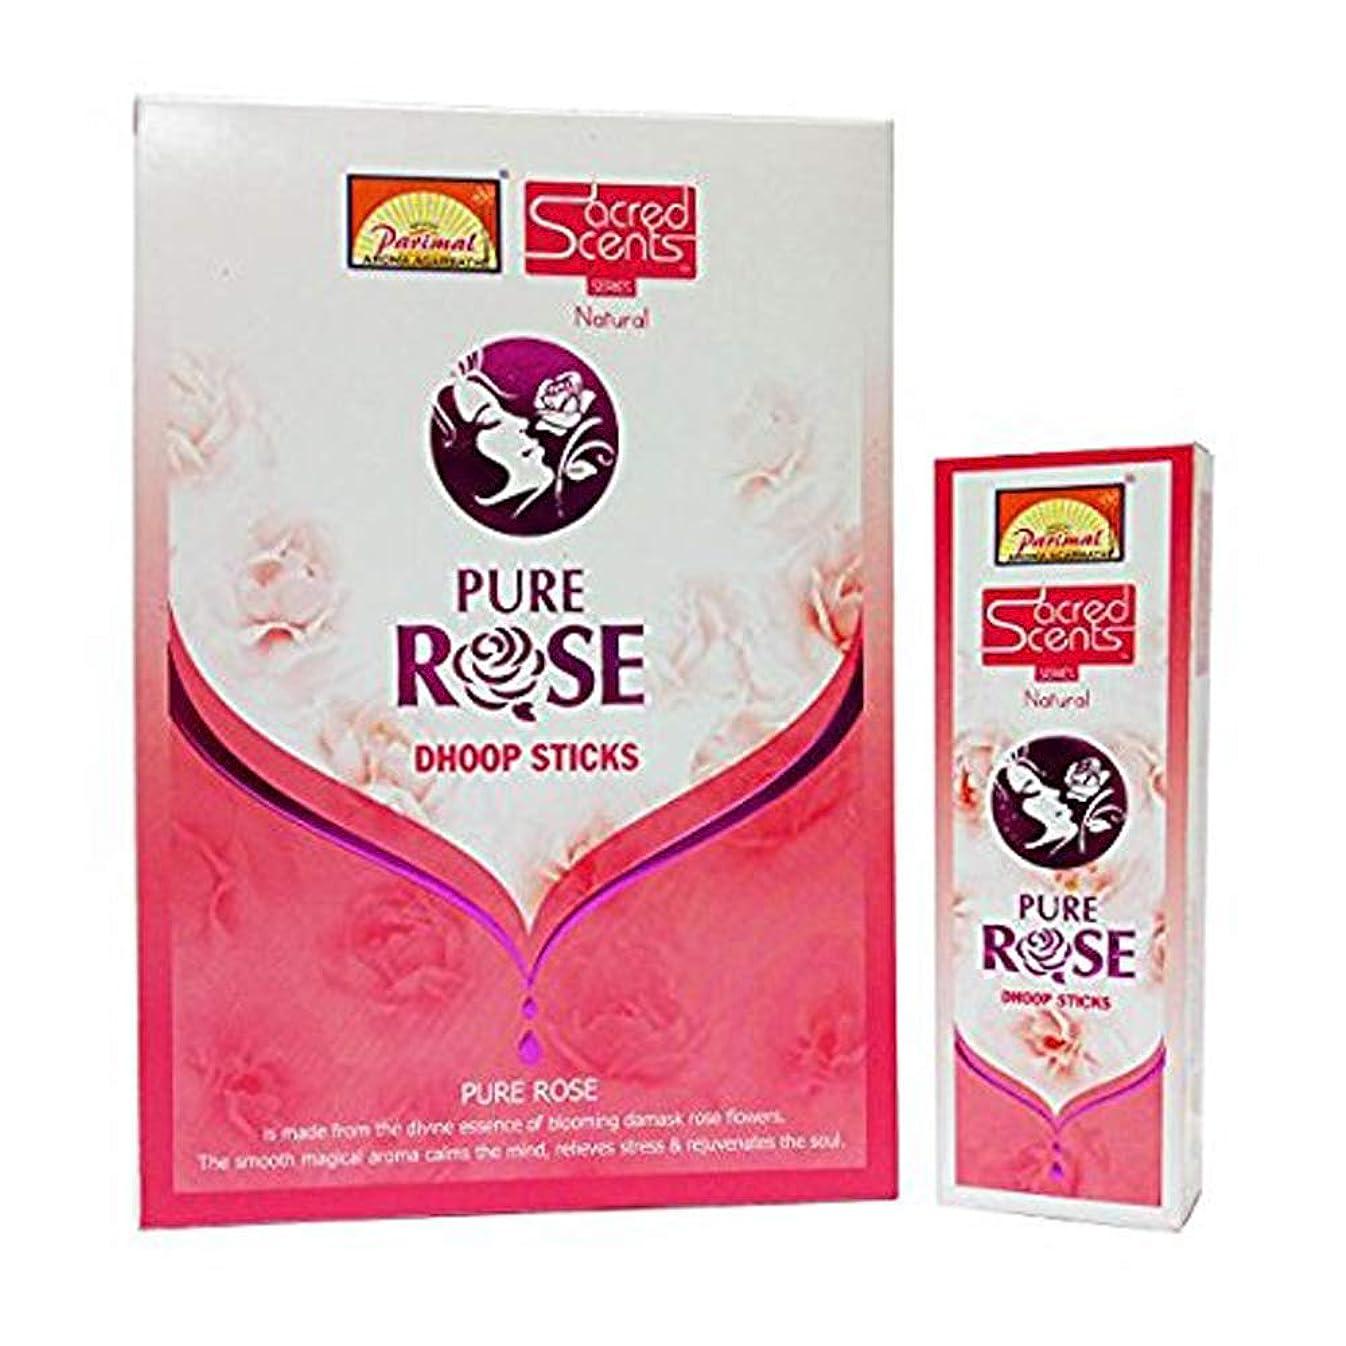 シードまたはどちらかトロリーParimal Sacred Scents Pure Rose Dhoop Sticks 50グラムパック、6カウントin aボックス